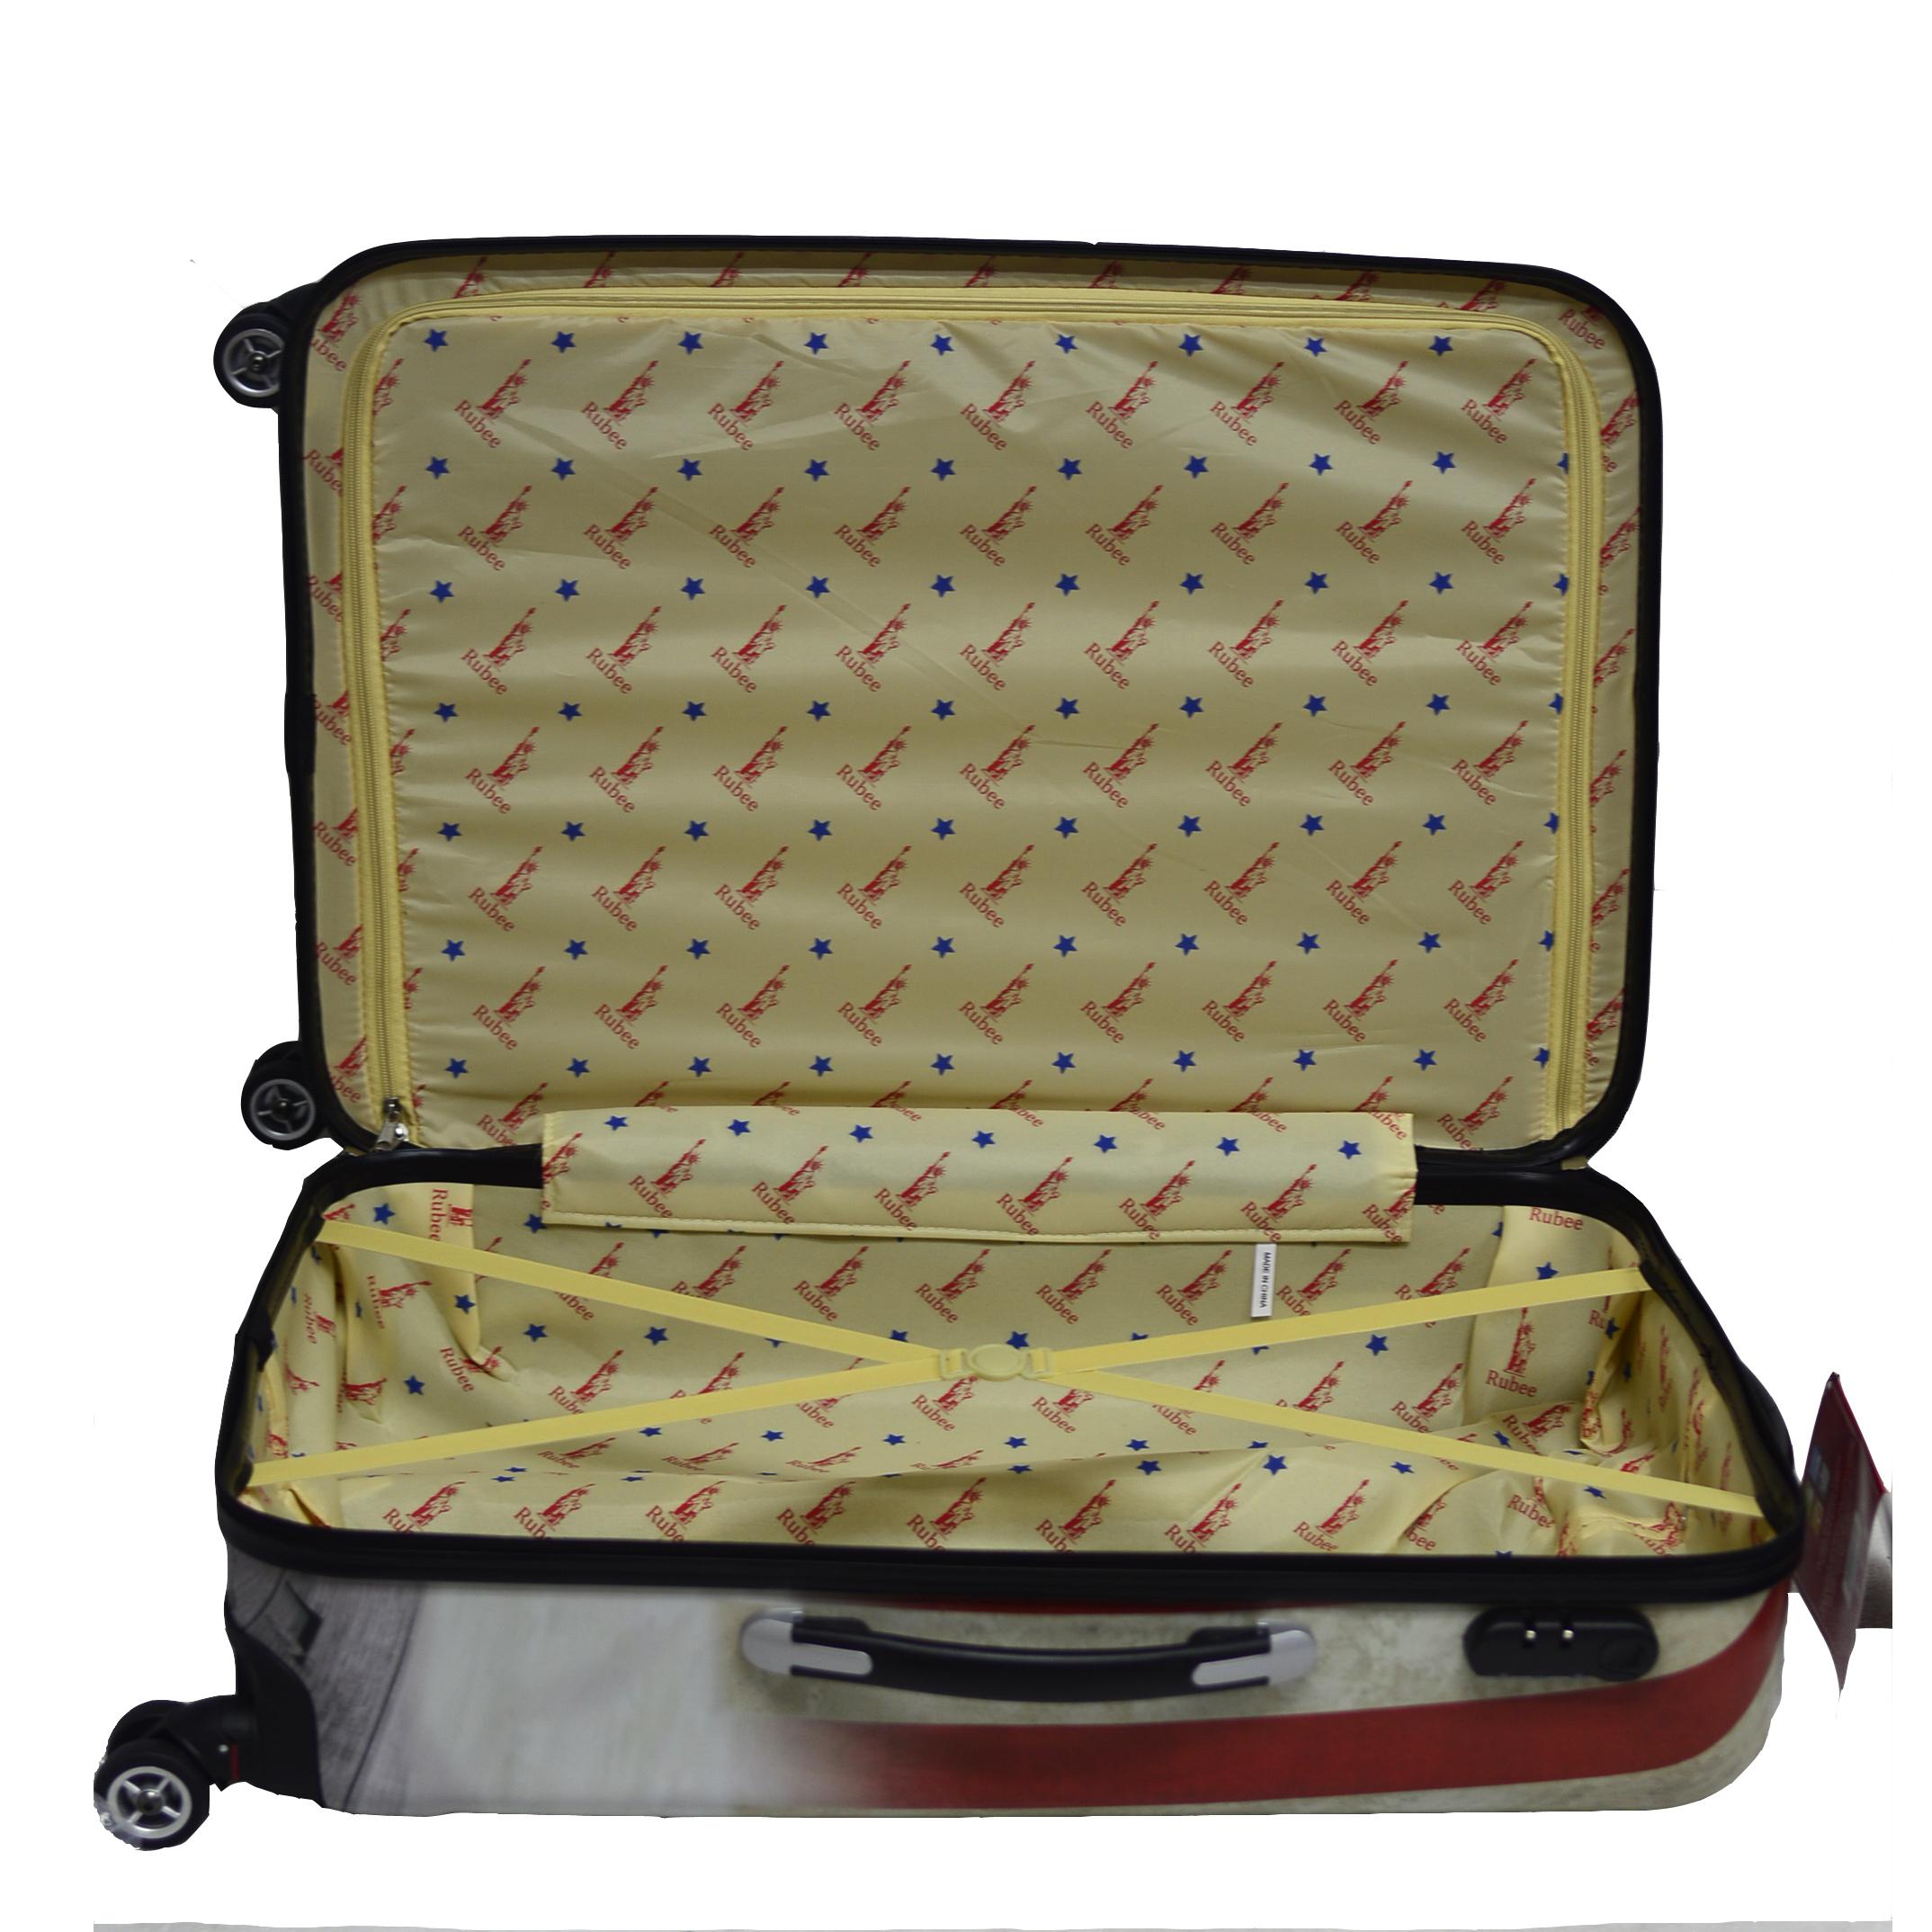 luggage lining